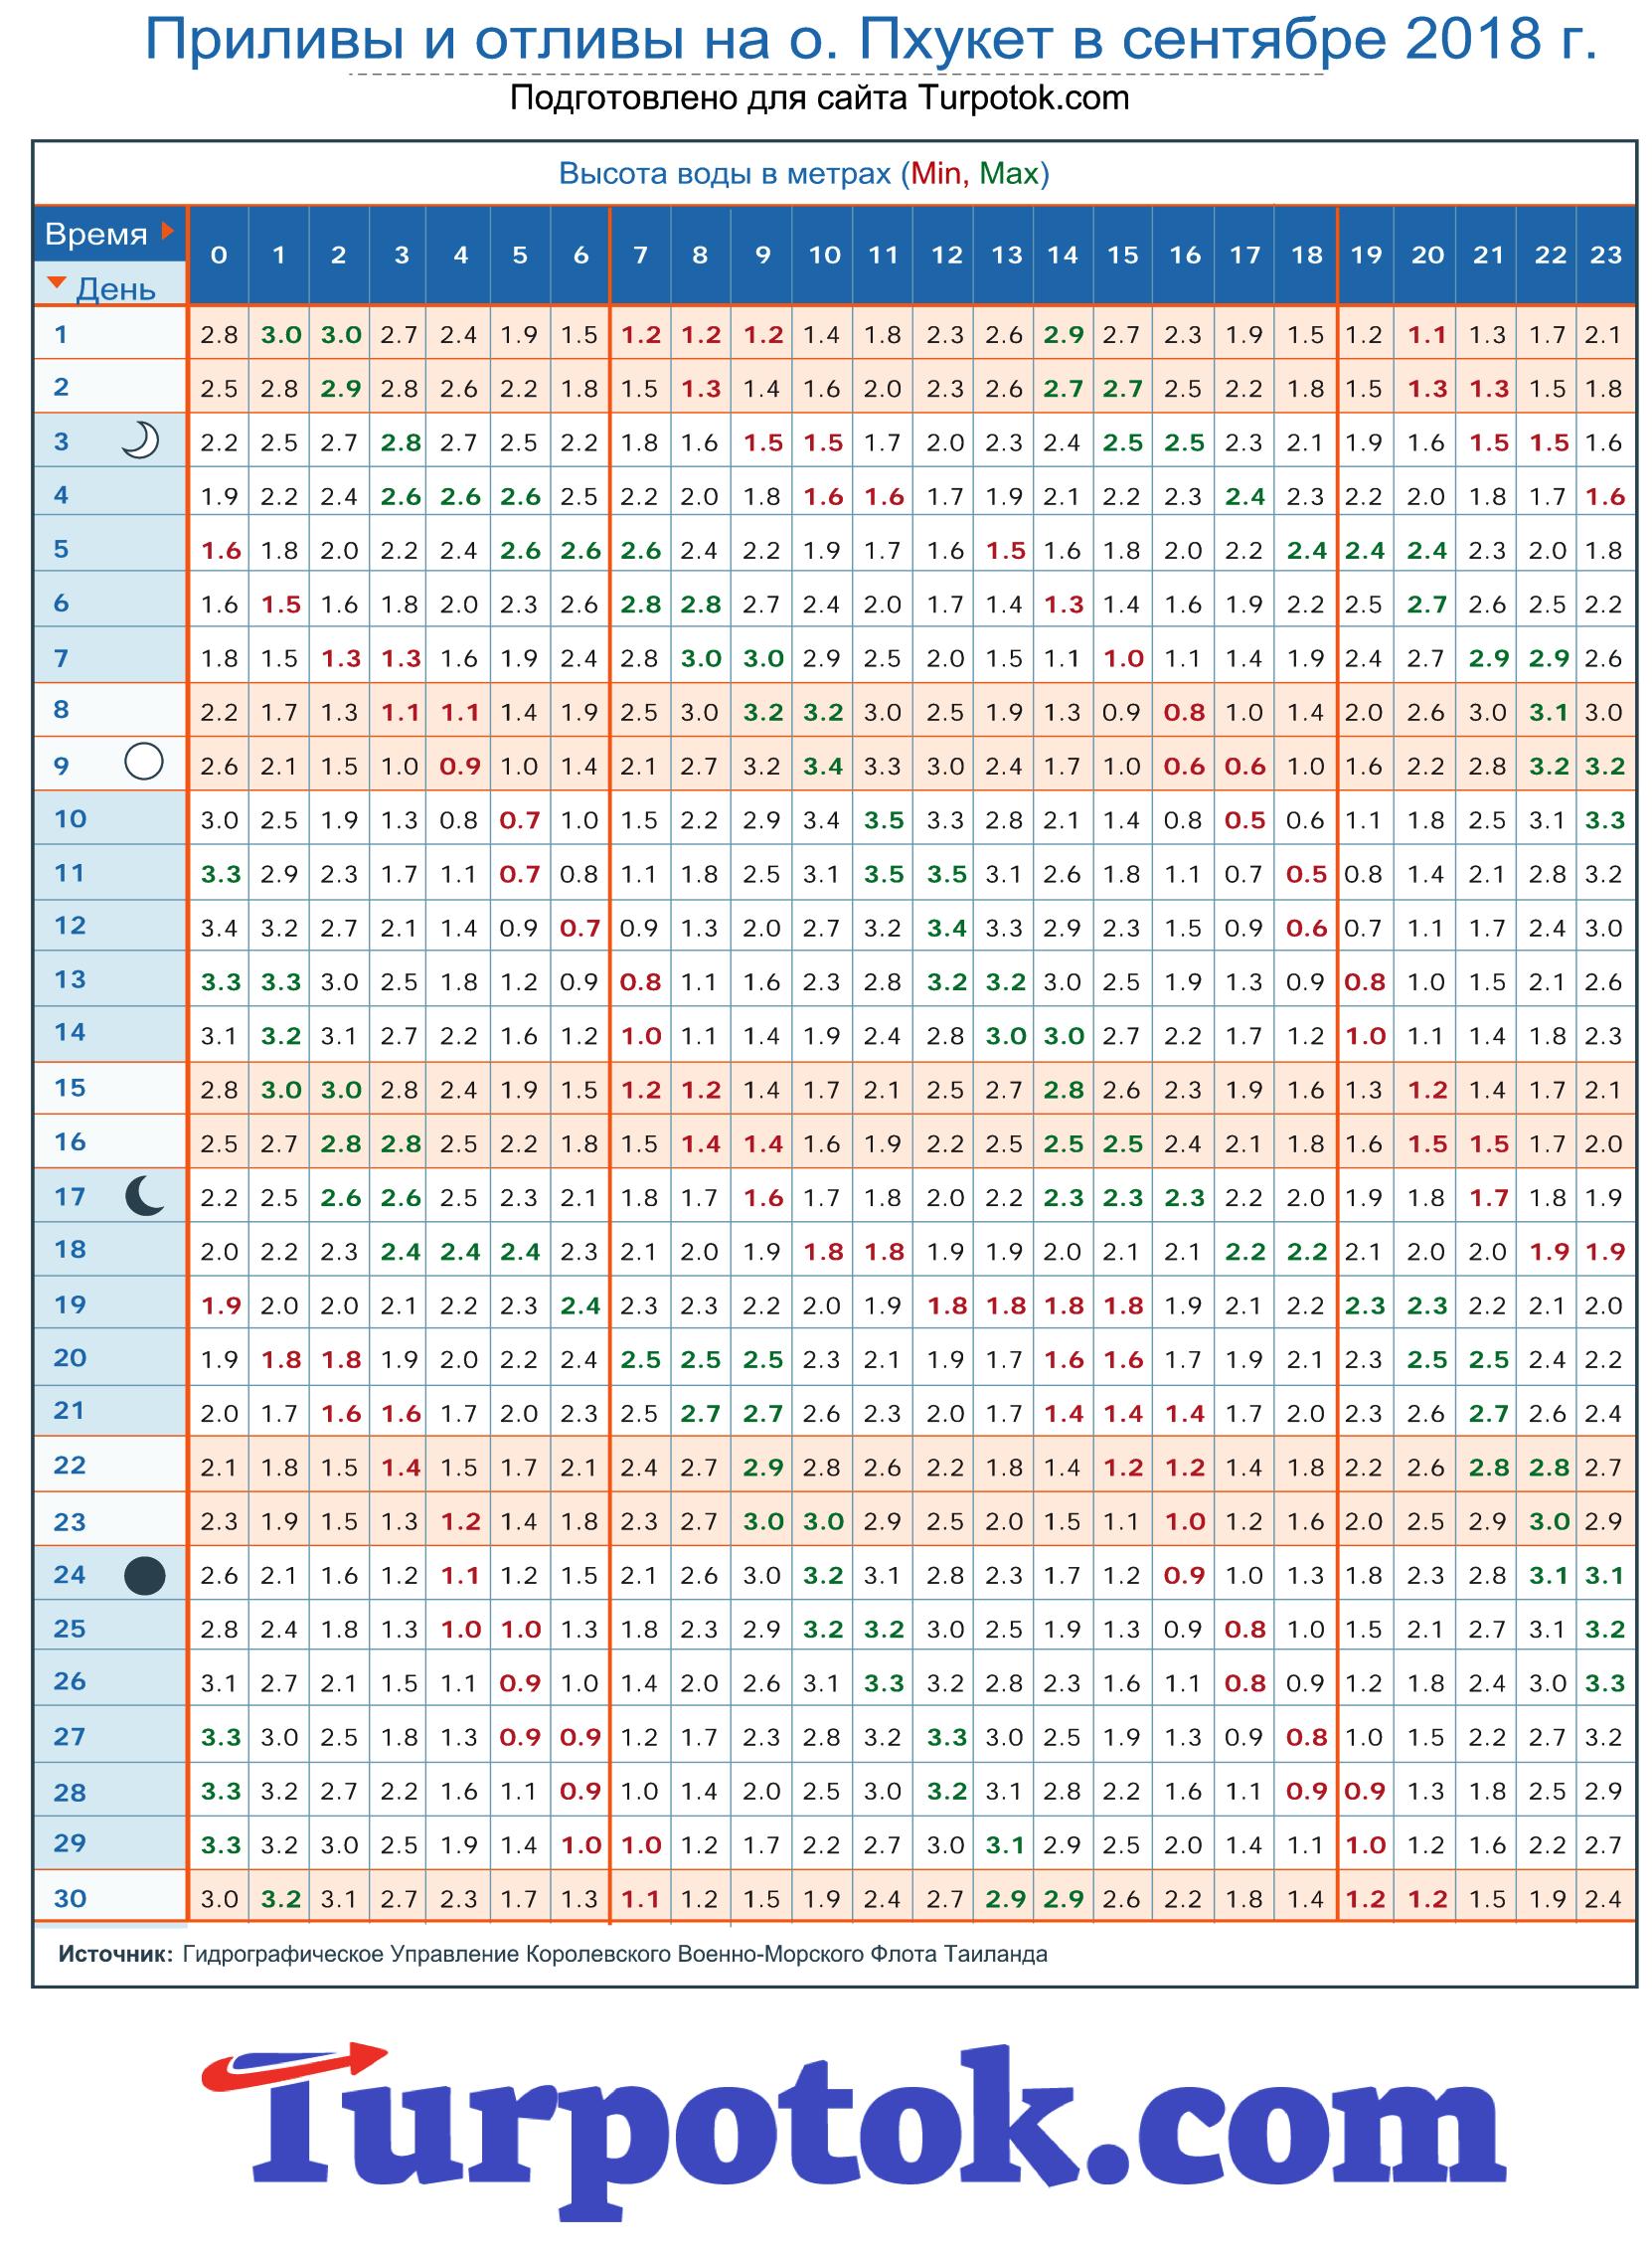 Таблица «Приливы и отливы на Пхукете в сентябре 2018 года»